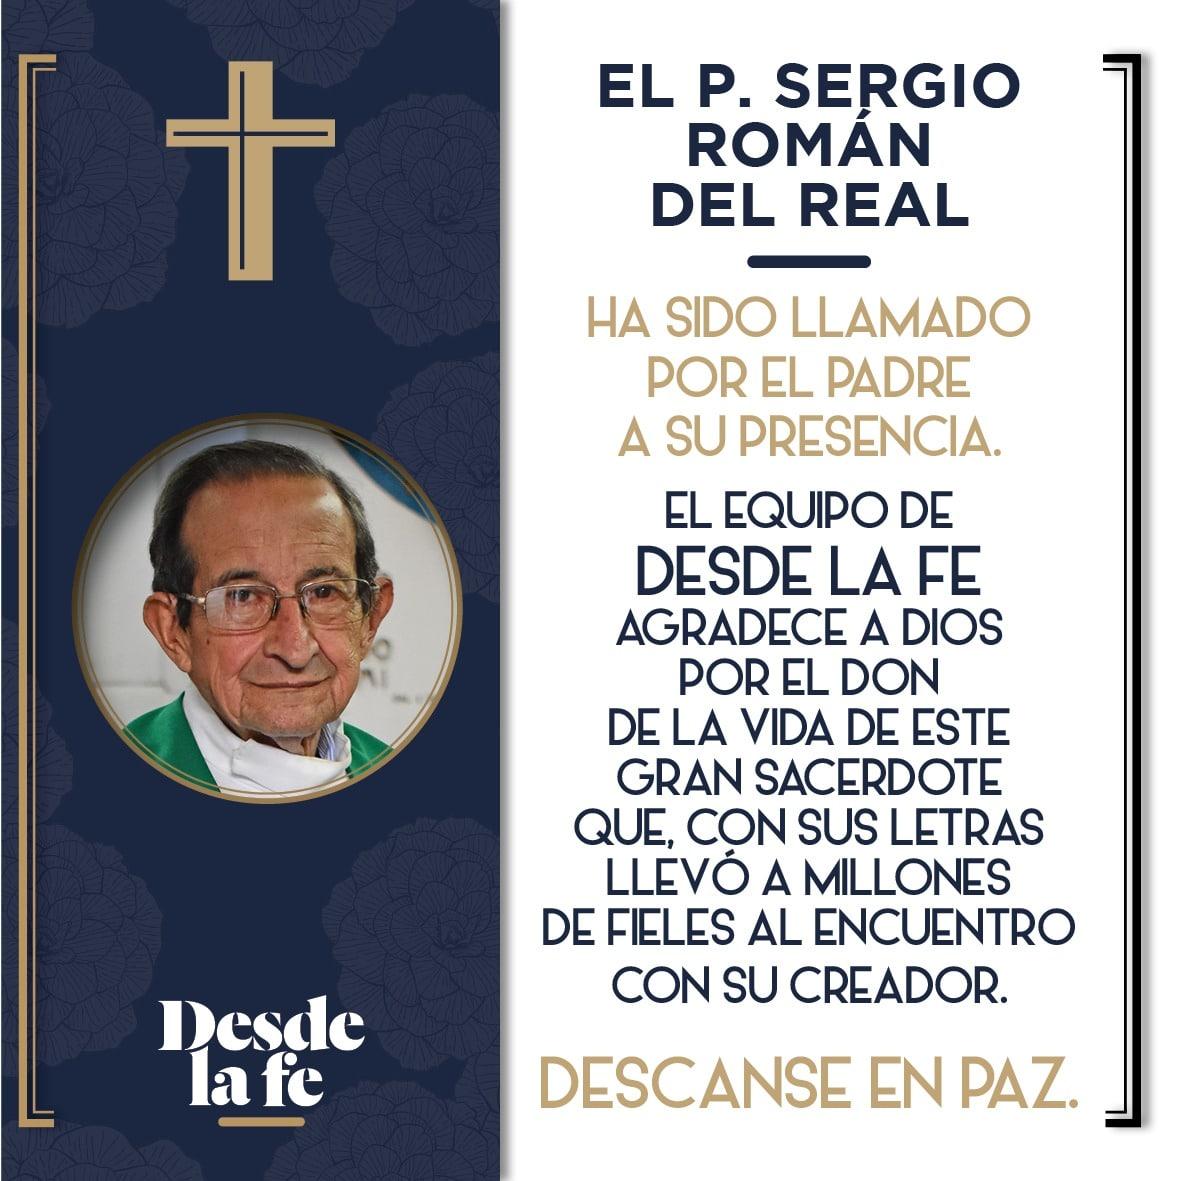 Esquela del equipo de Desde la fe para el P. Sergio Román del Real